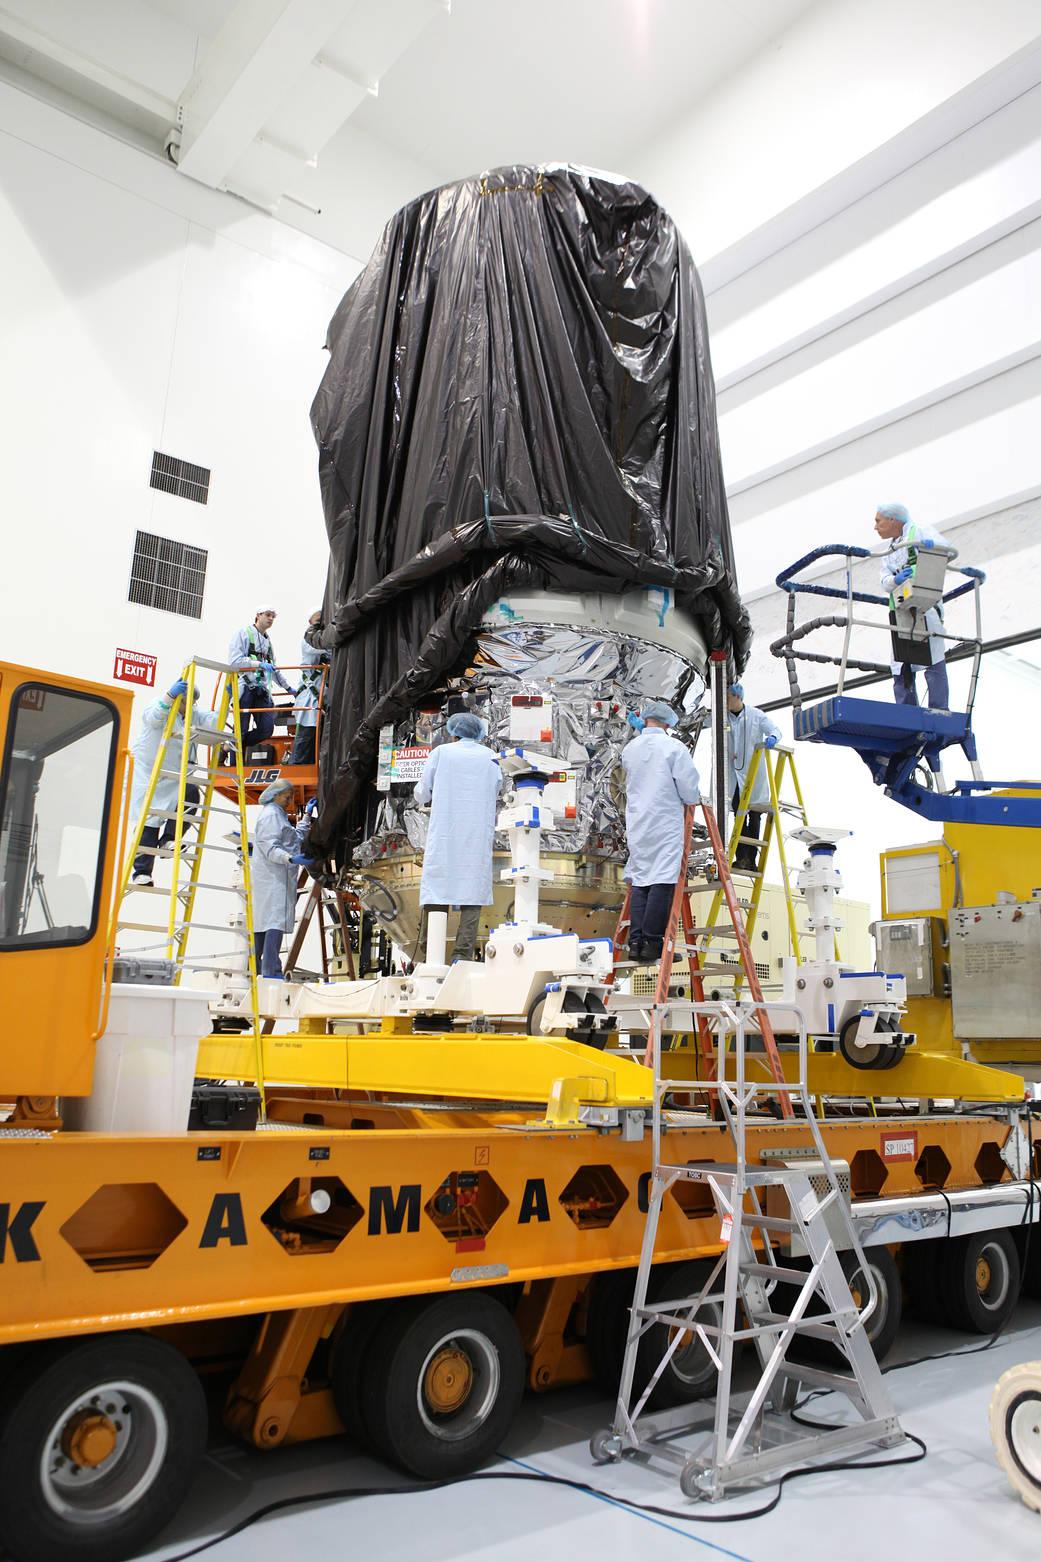 2017.03.07:国際宇宙ステーションへの貨物輸送用ロケットの準備風景